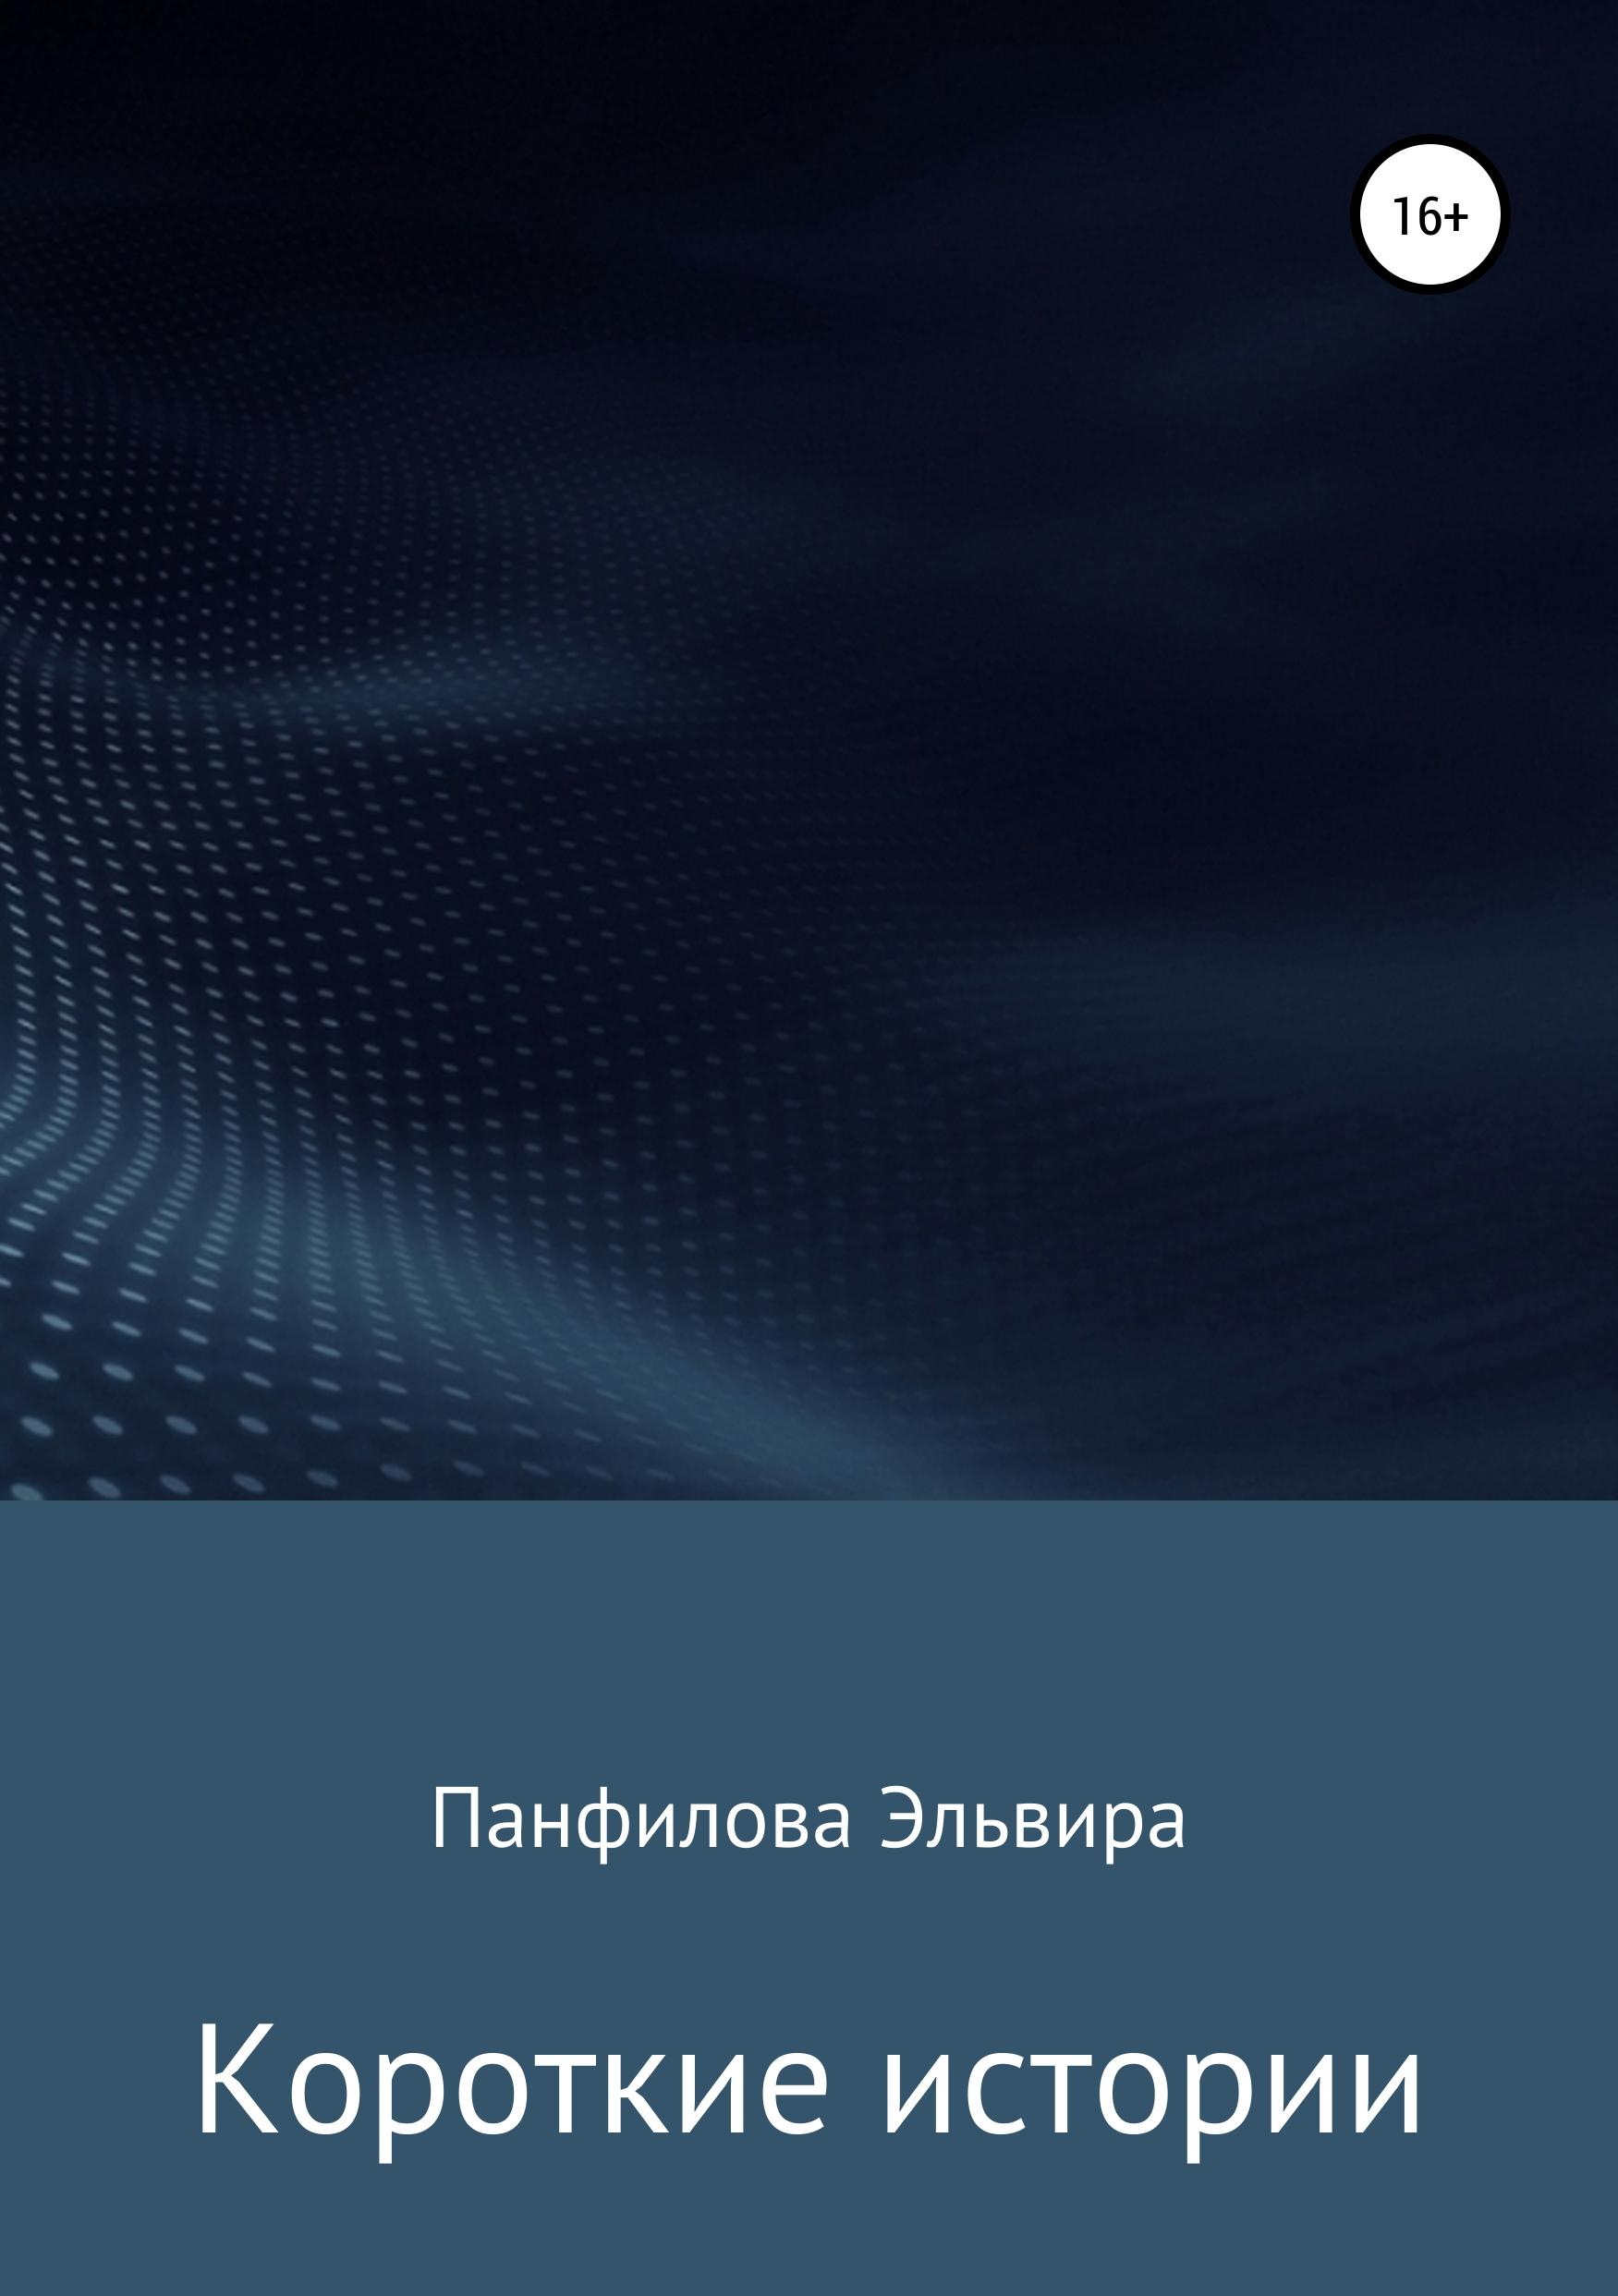 Короткие истории_Эльвира Николаевна Панфилова